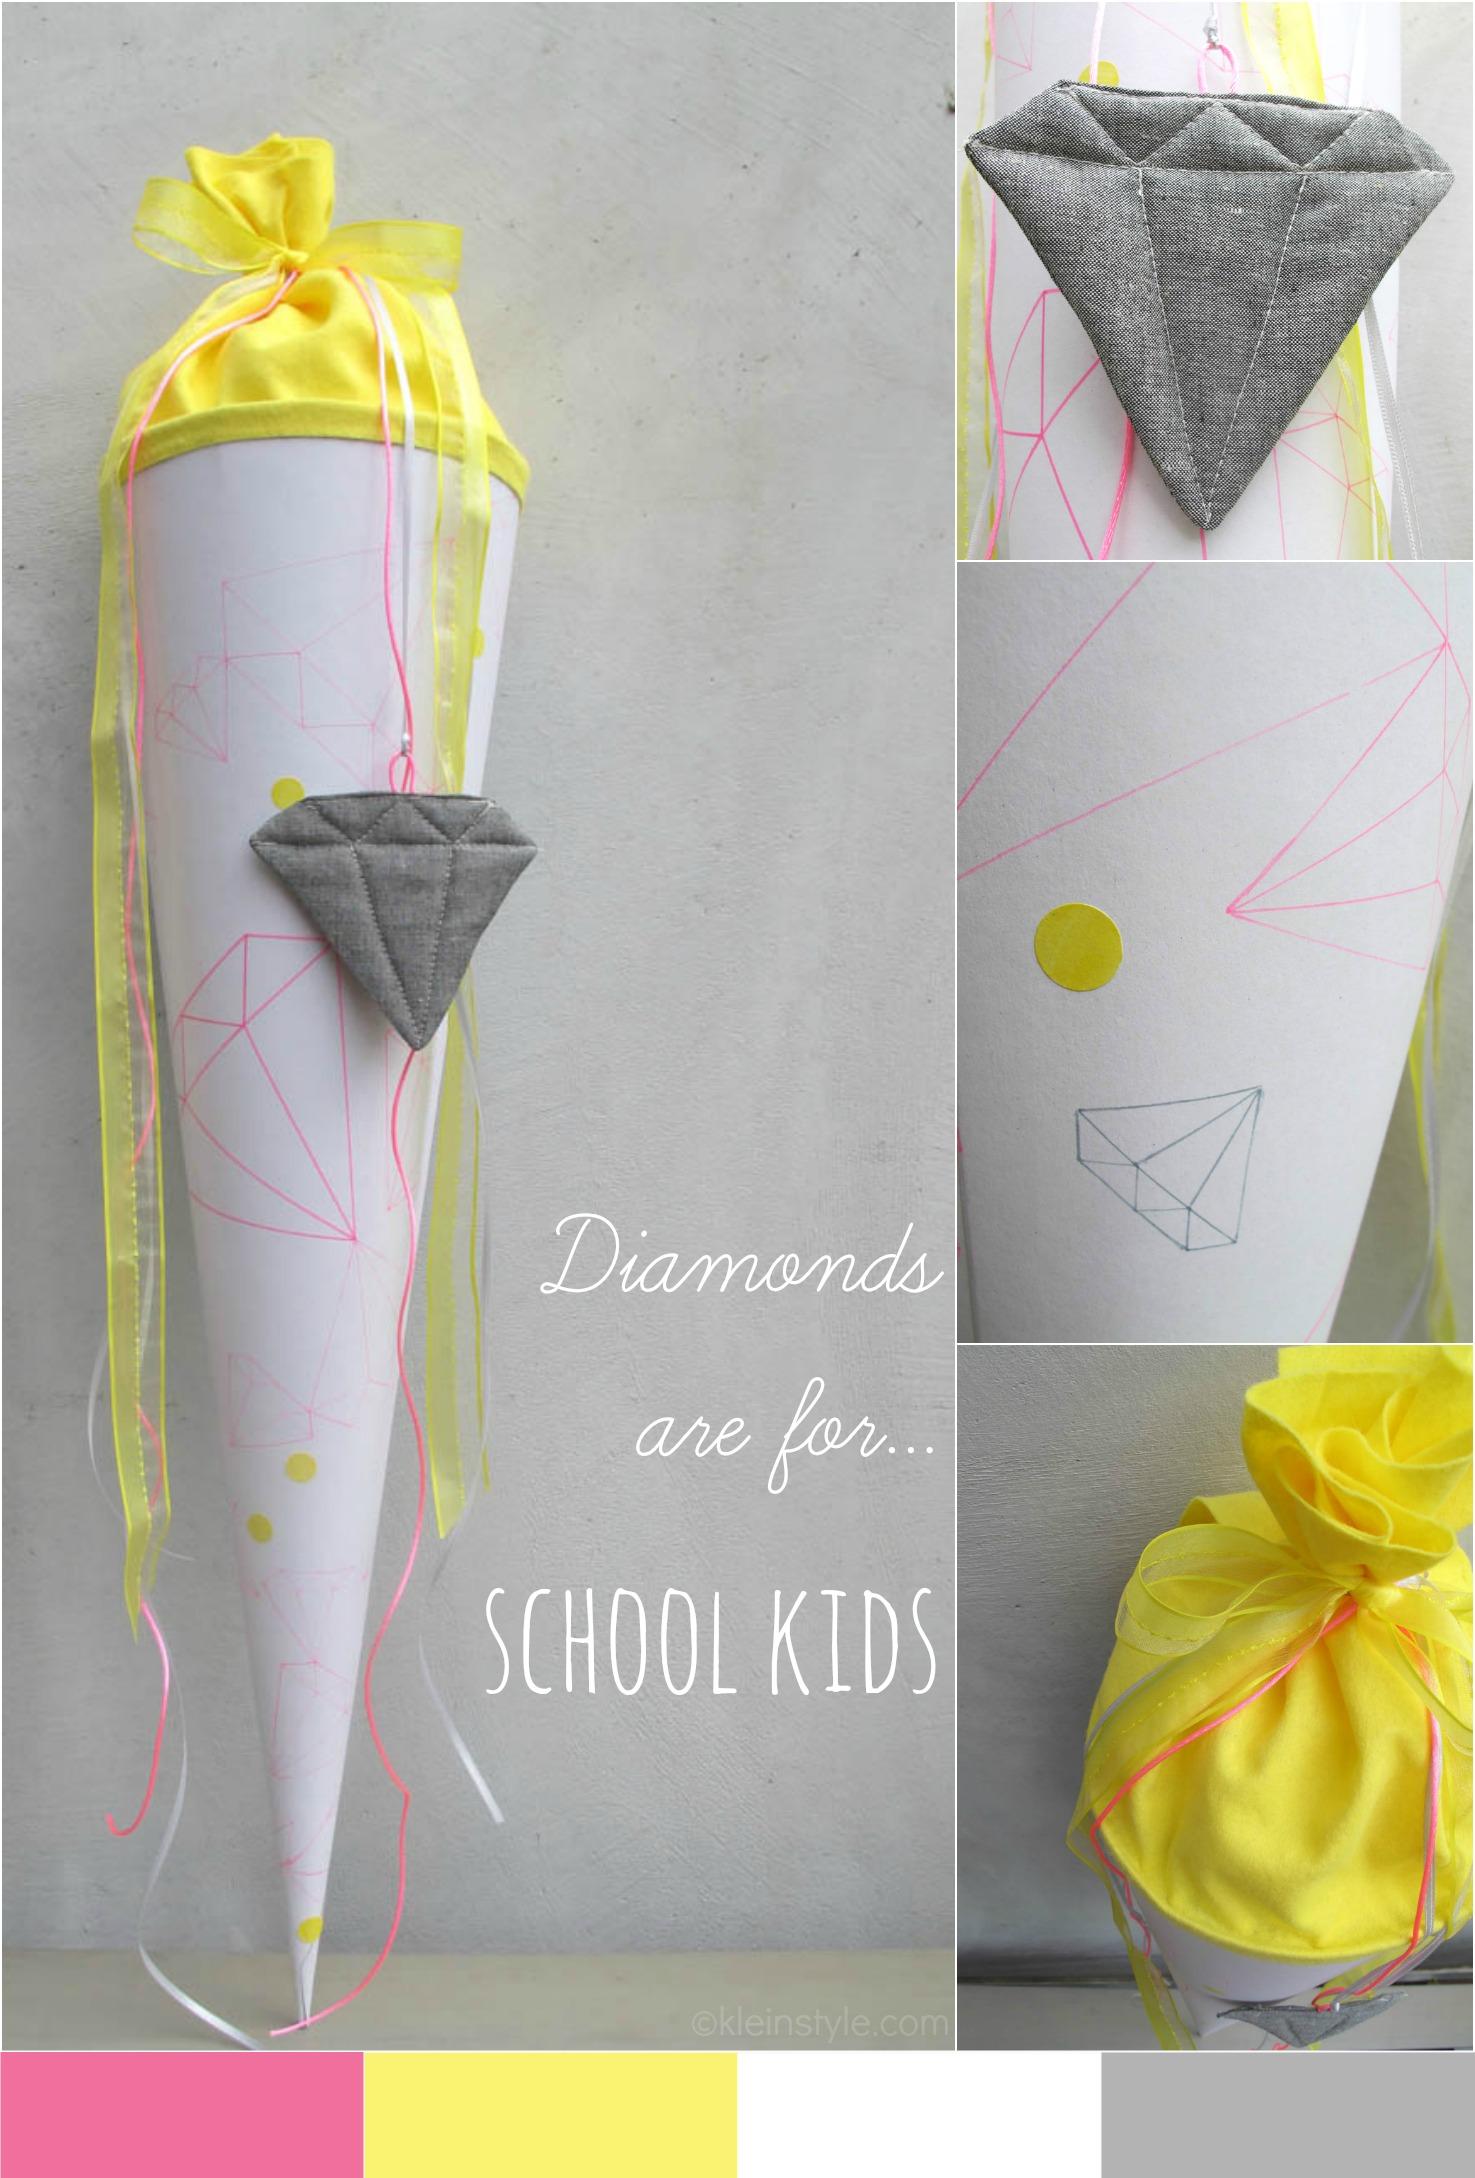 Schultüte : Diamonds are for… school kids!